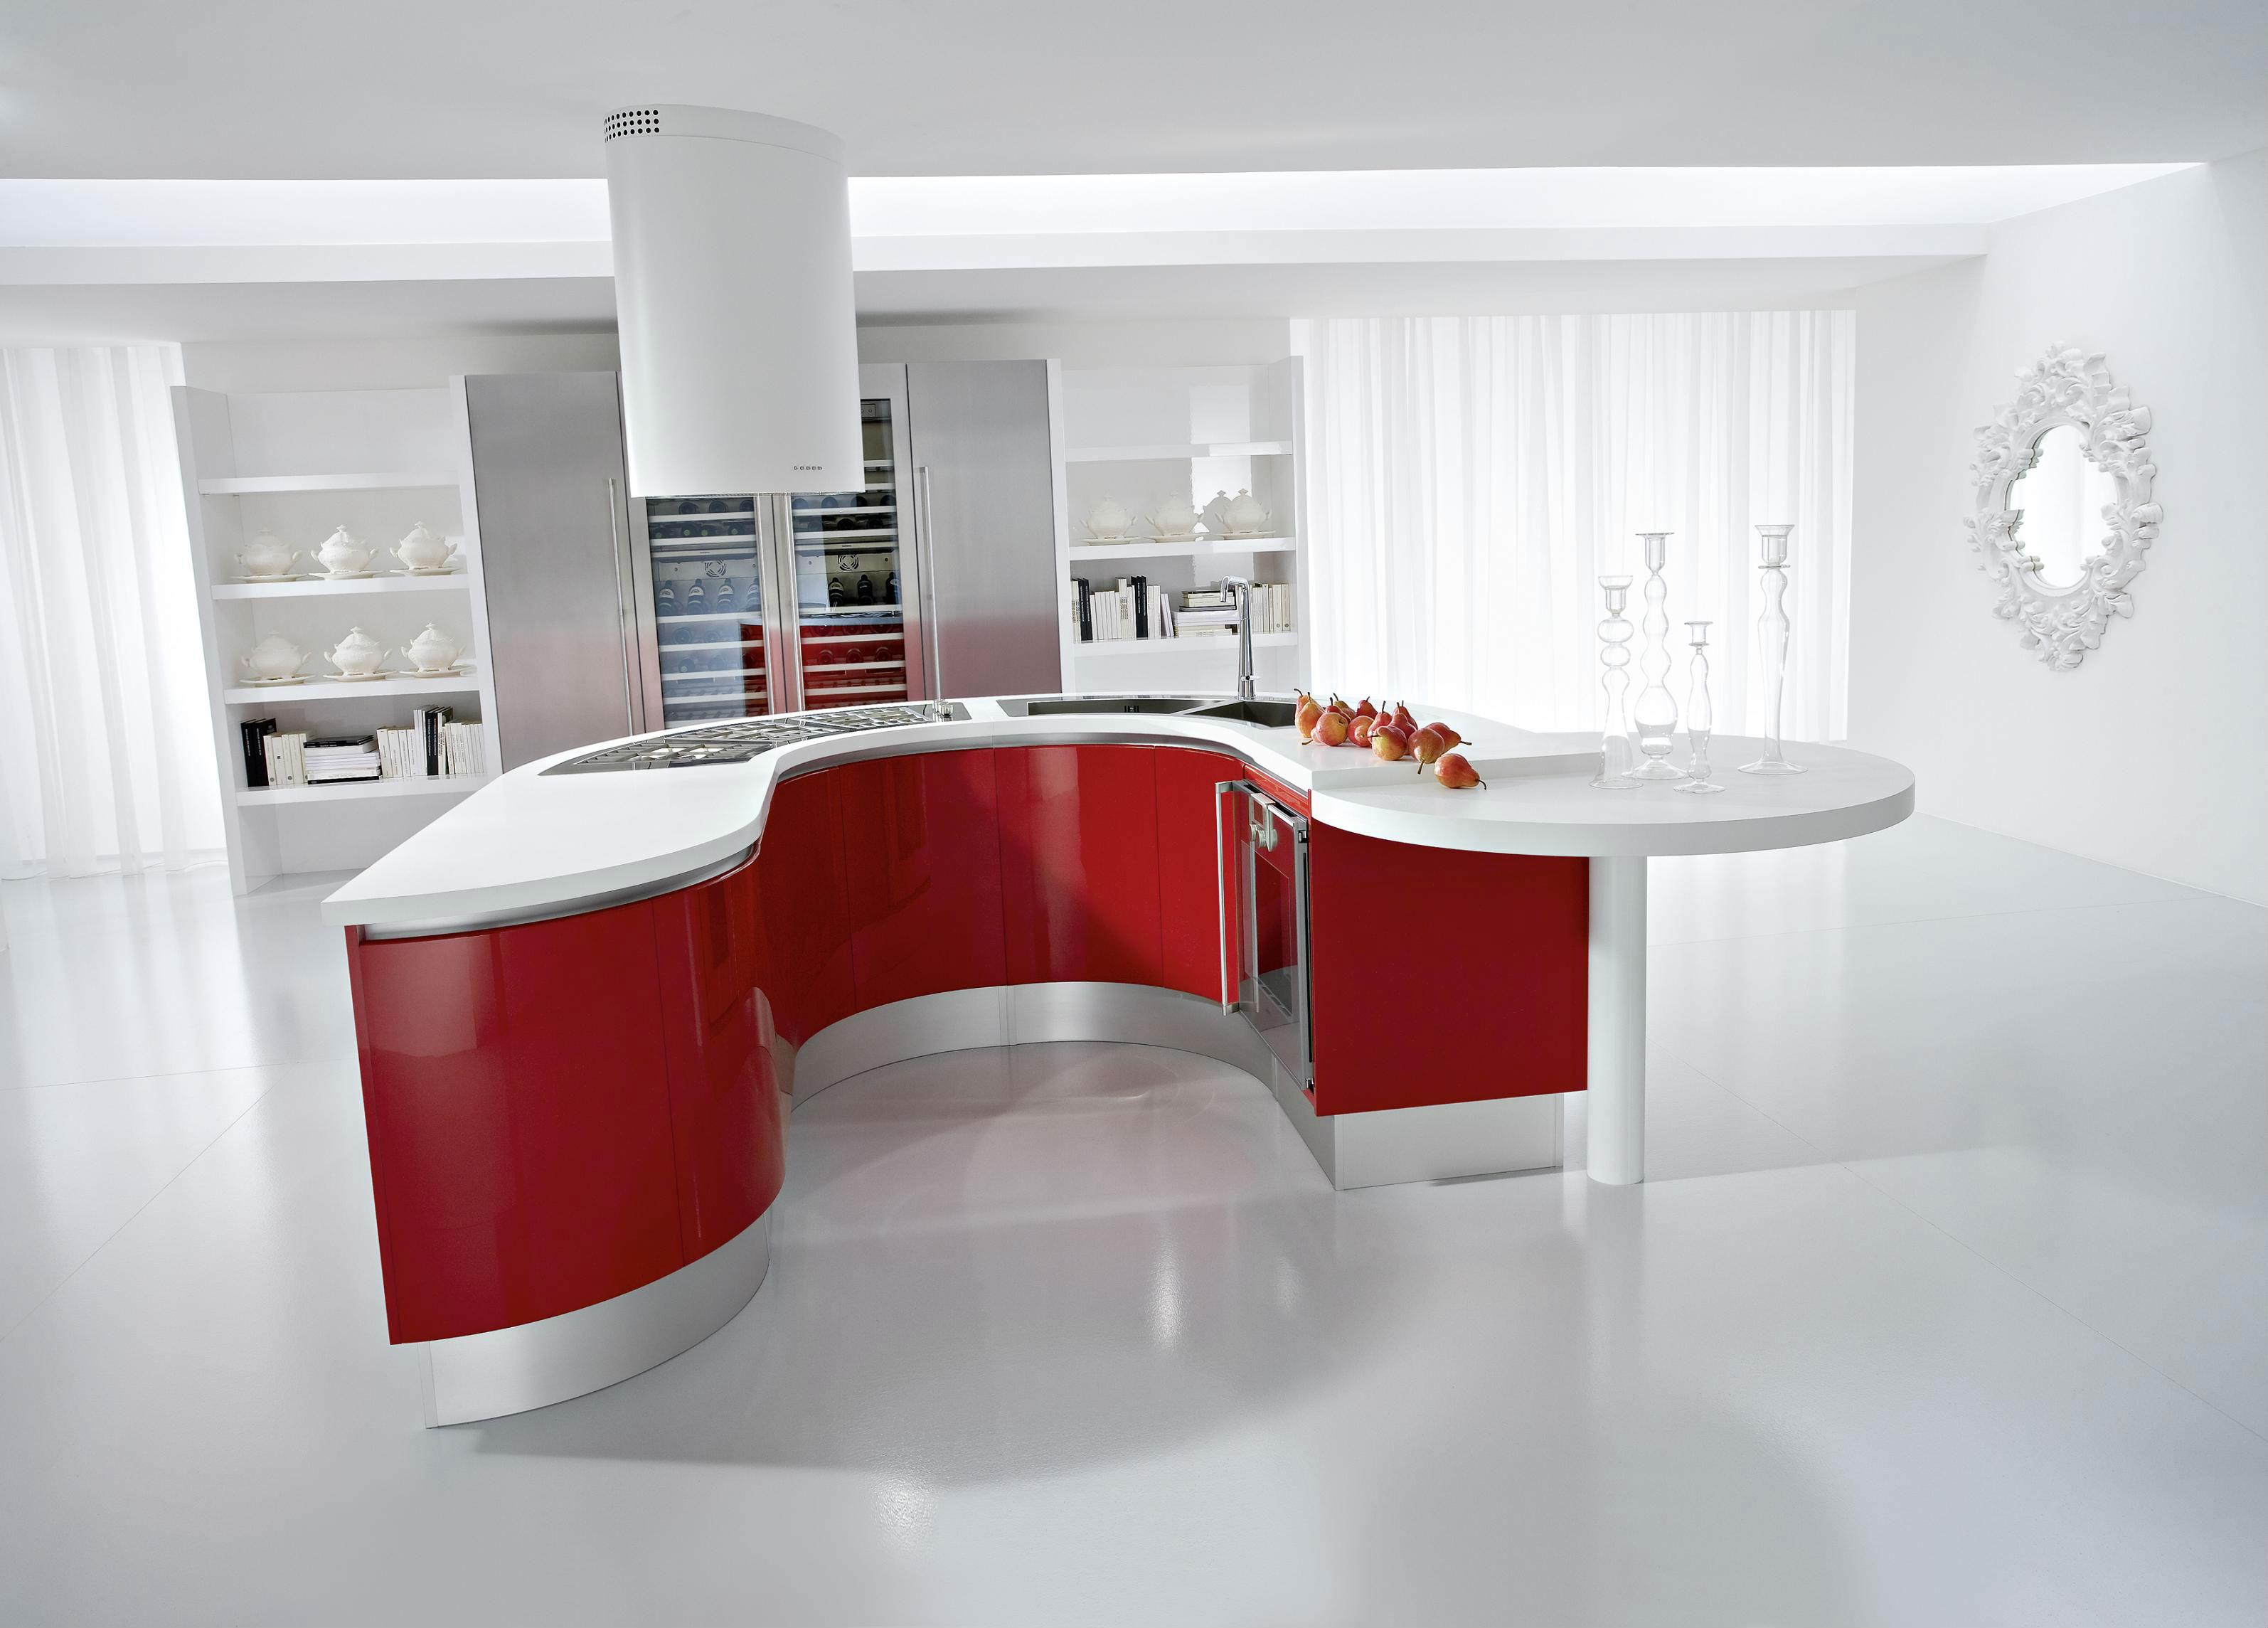 Kırmızı beyaz amerikan mutfak